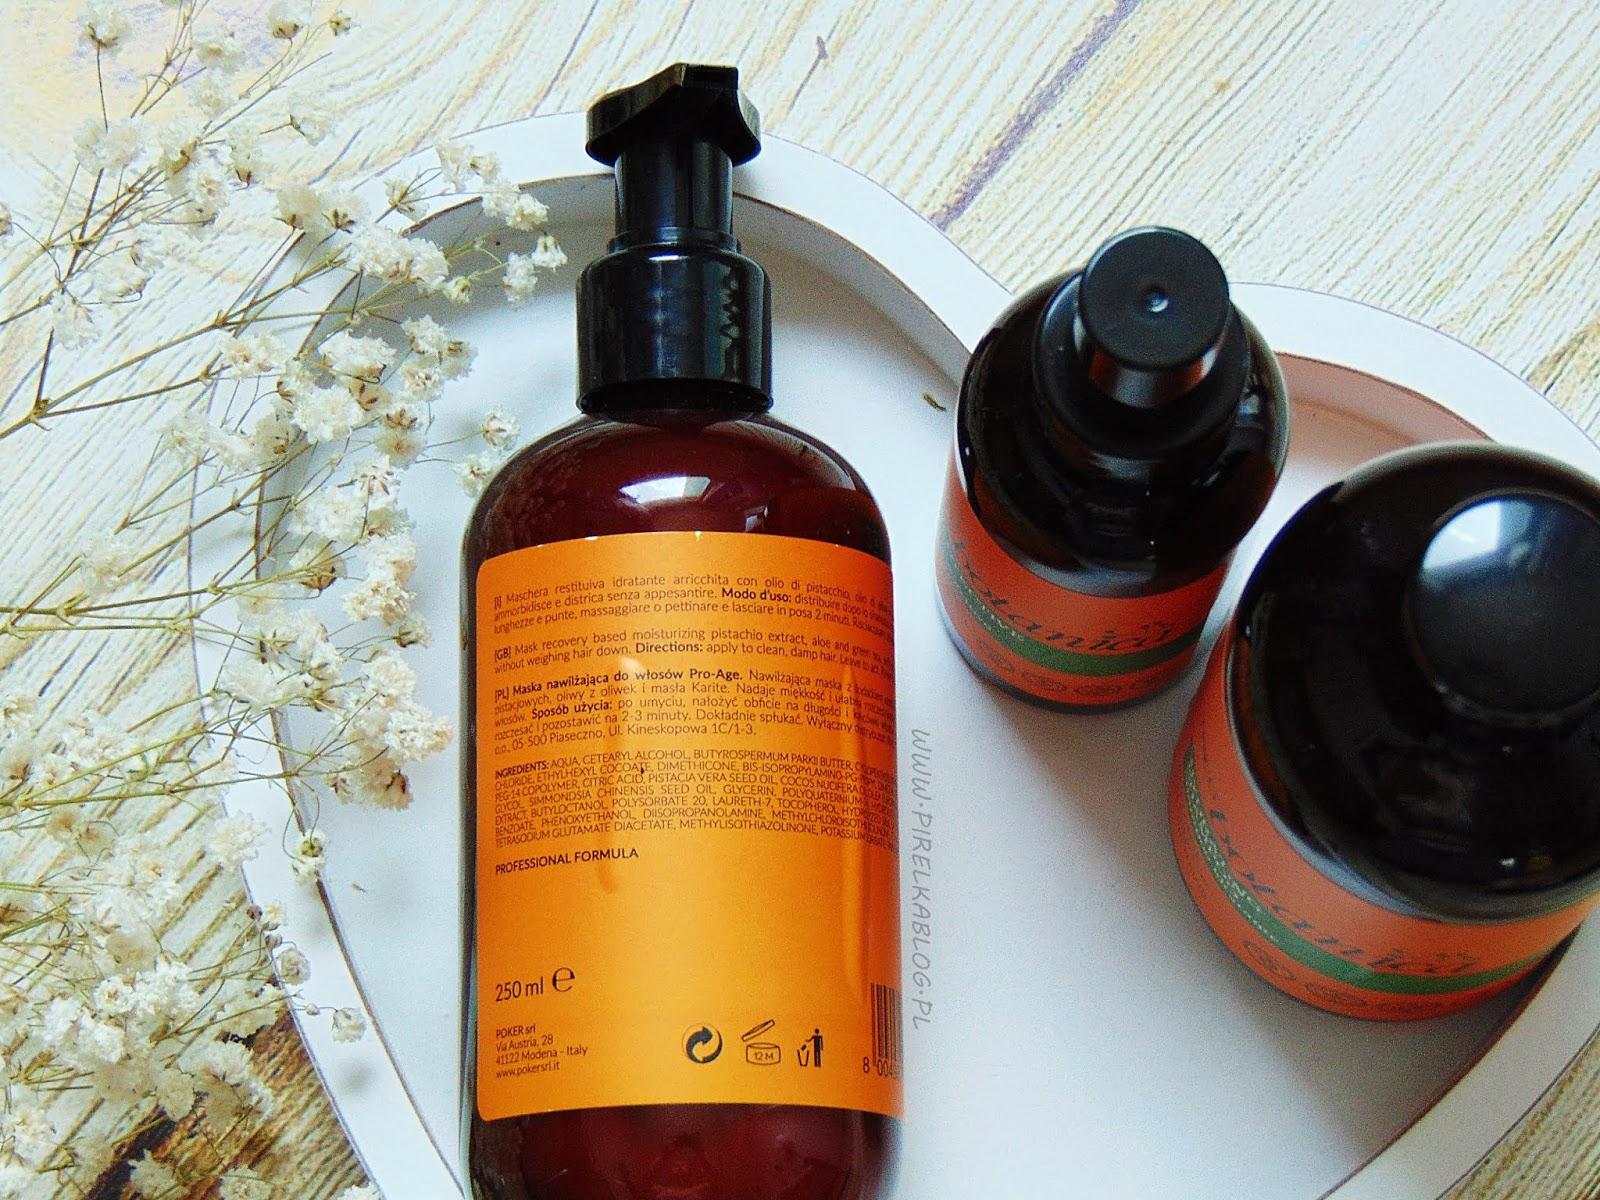 Trico Botanica, włoskie kosmetyki do pielęgnacji włósów, seria Pro-Age \ nawilżenie